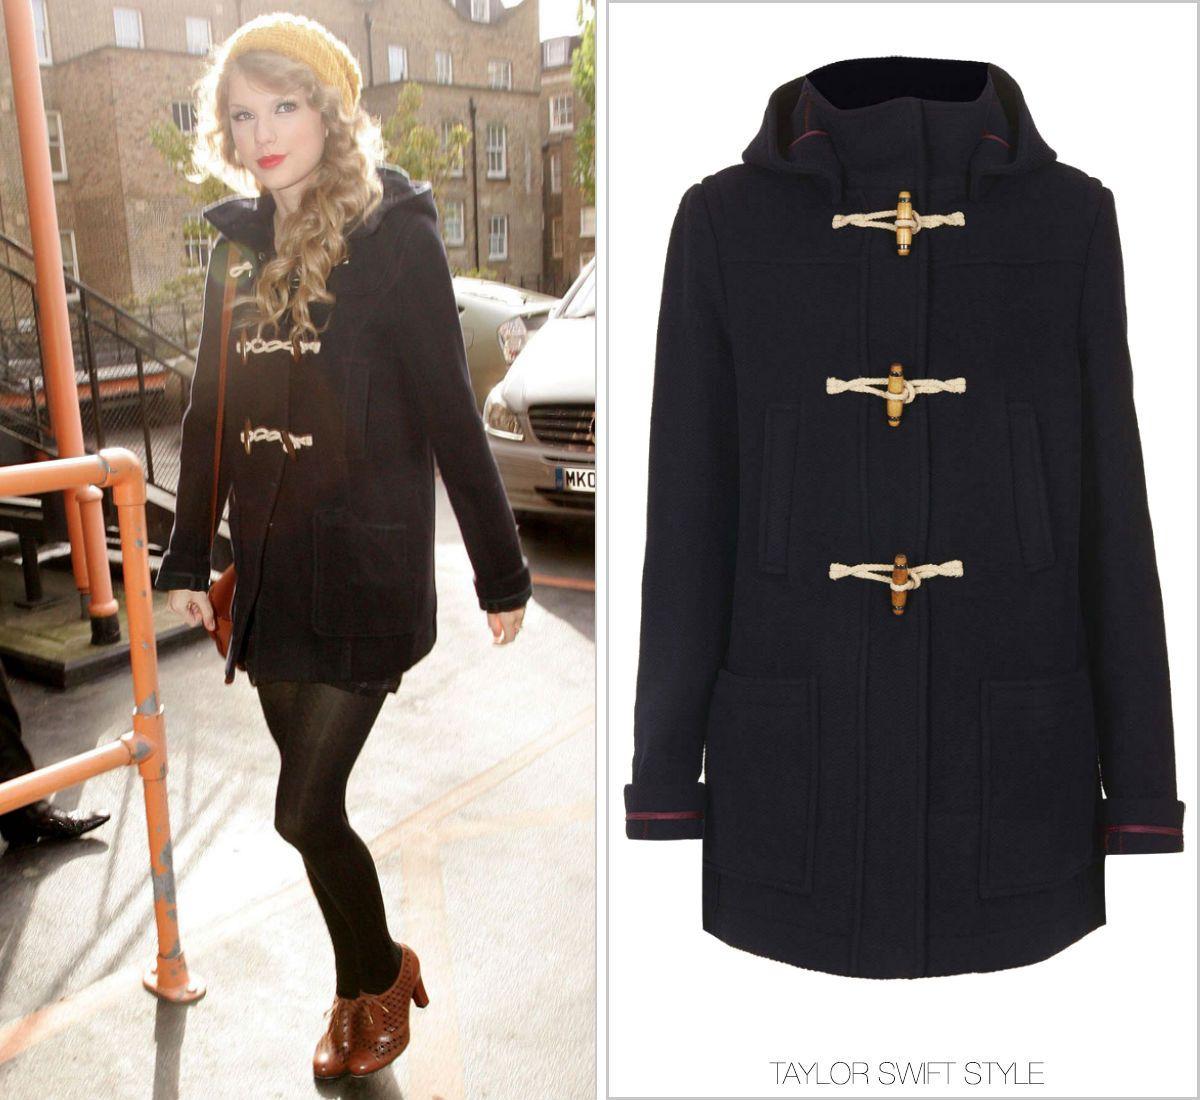 GET THE LOOK: Topshop 'Wool Hooded Duffle Coat' - $150.28 | Get ...